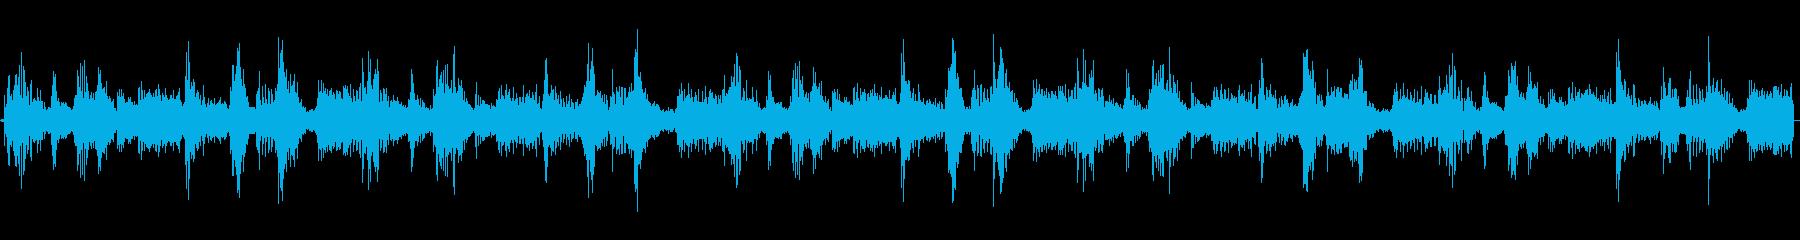 シンプルで合わせやすいループBGMの再生済みの波形